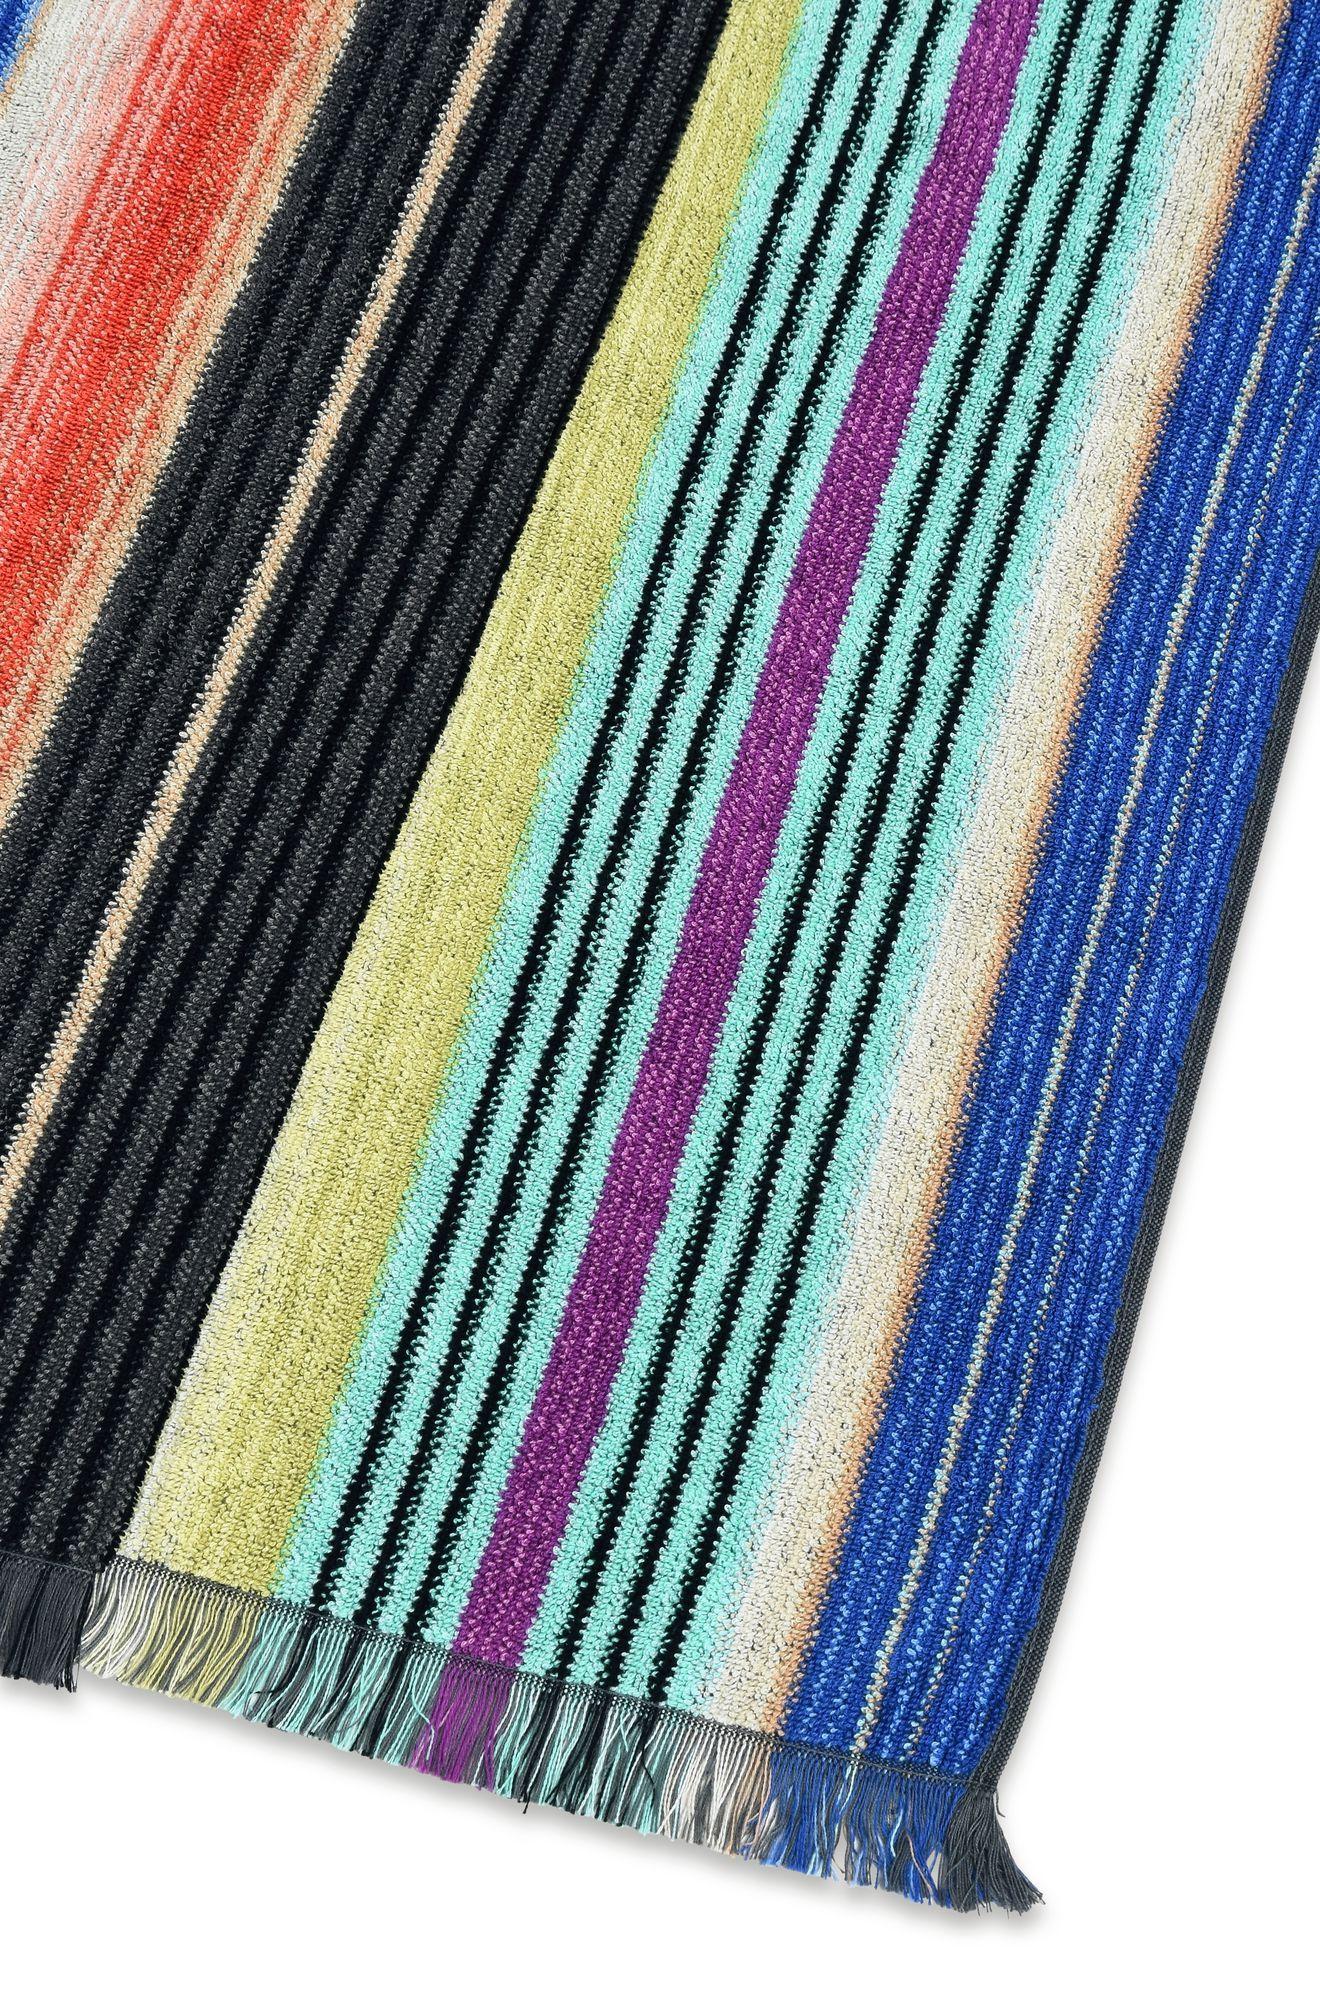 Viviette Towel E 118 Sale With Images Shop Towels Missoni Towel